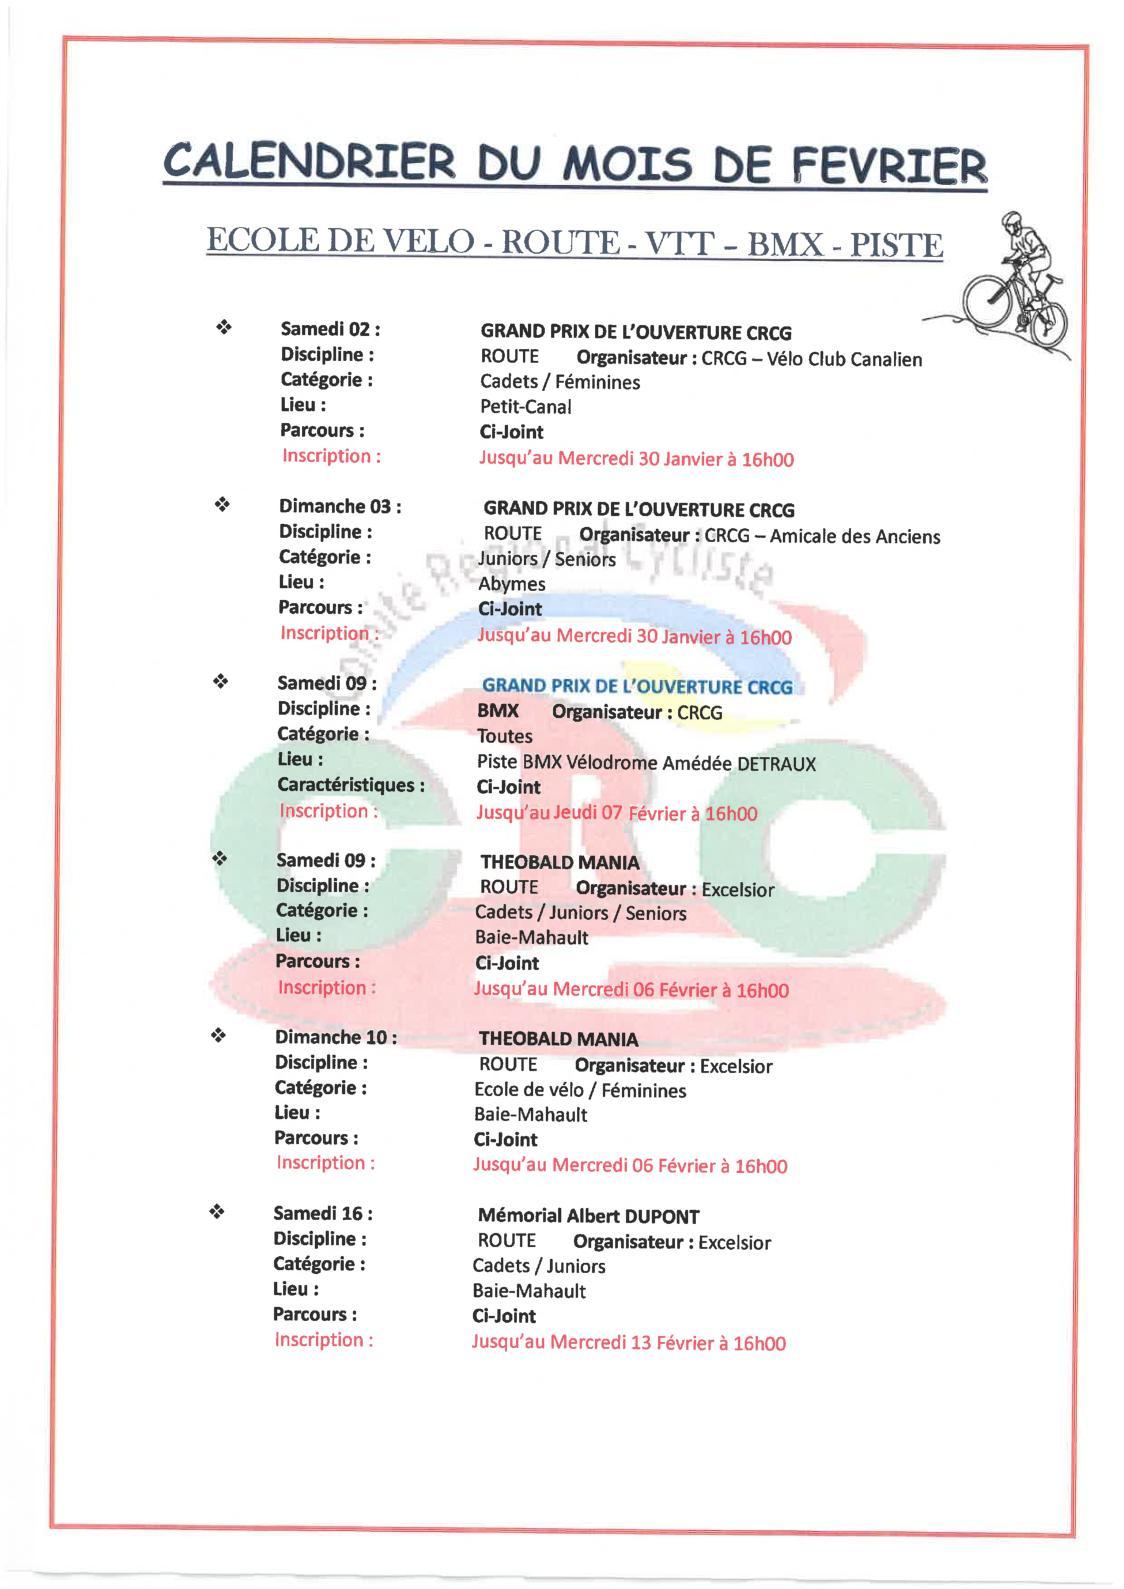 Calendrier Bmx 2019.Calameo Calendrier Fevrier 2019 Crcg